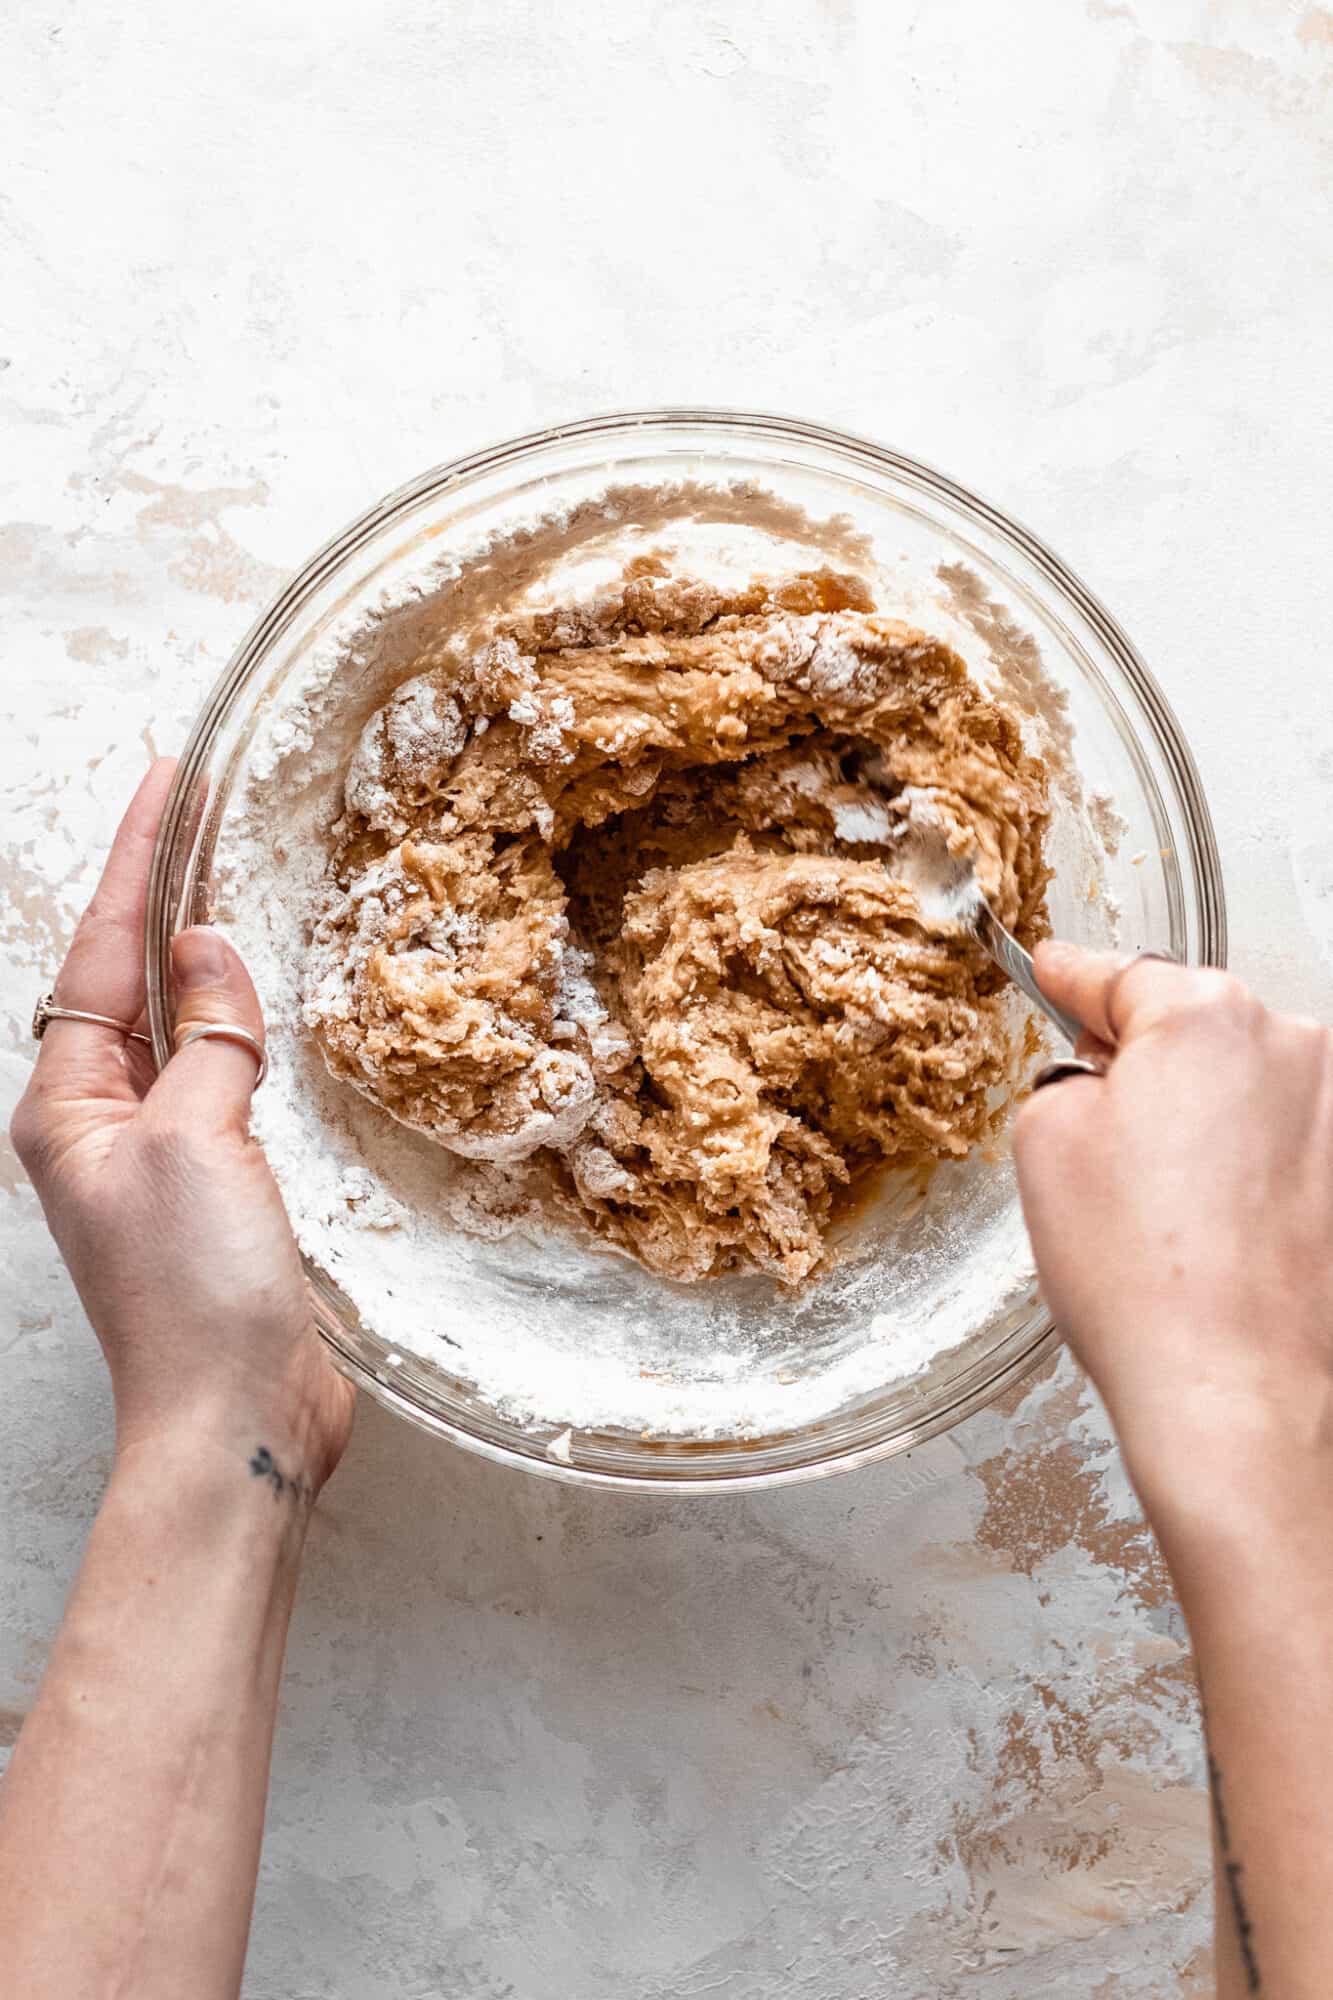 hand folding peanut butter cookie batter